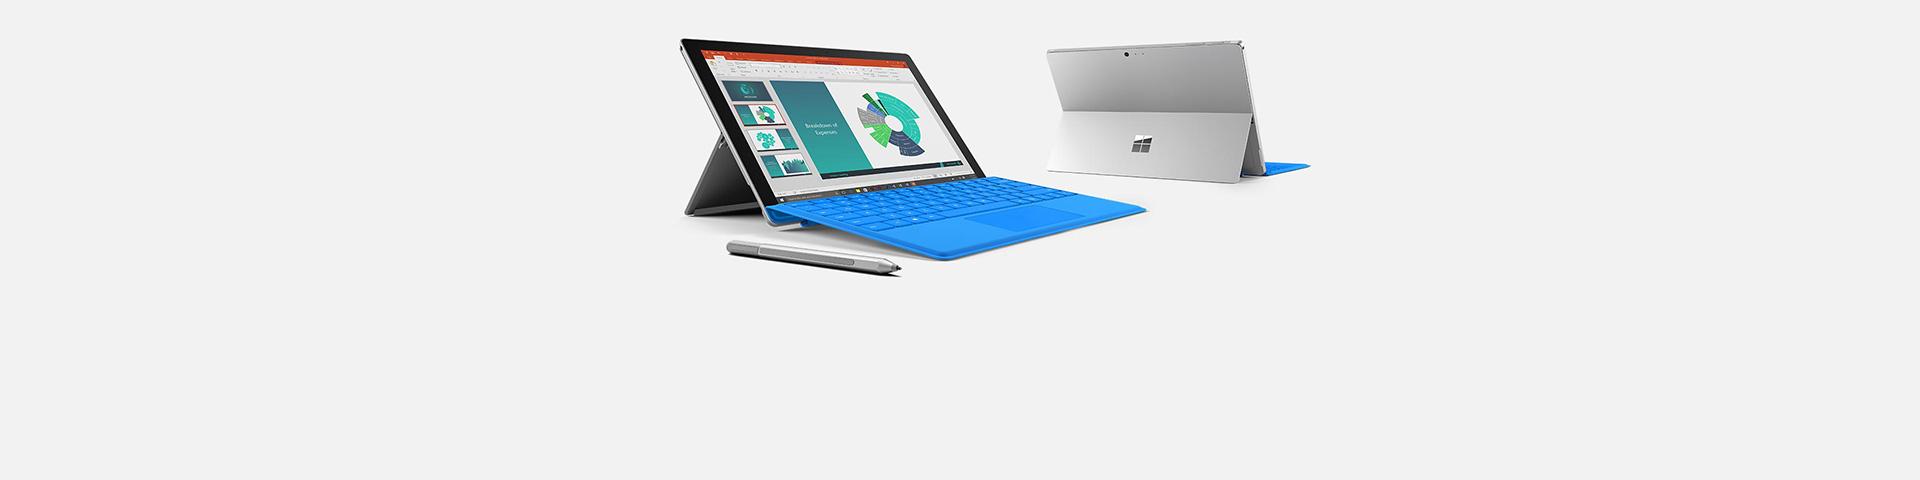 Surface Pro 4 Geräte